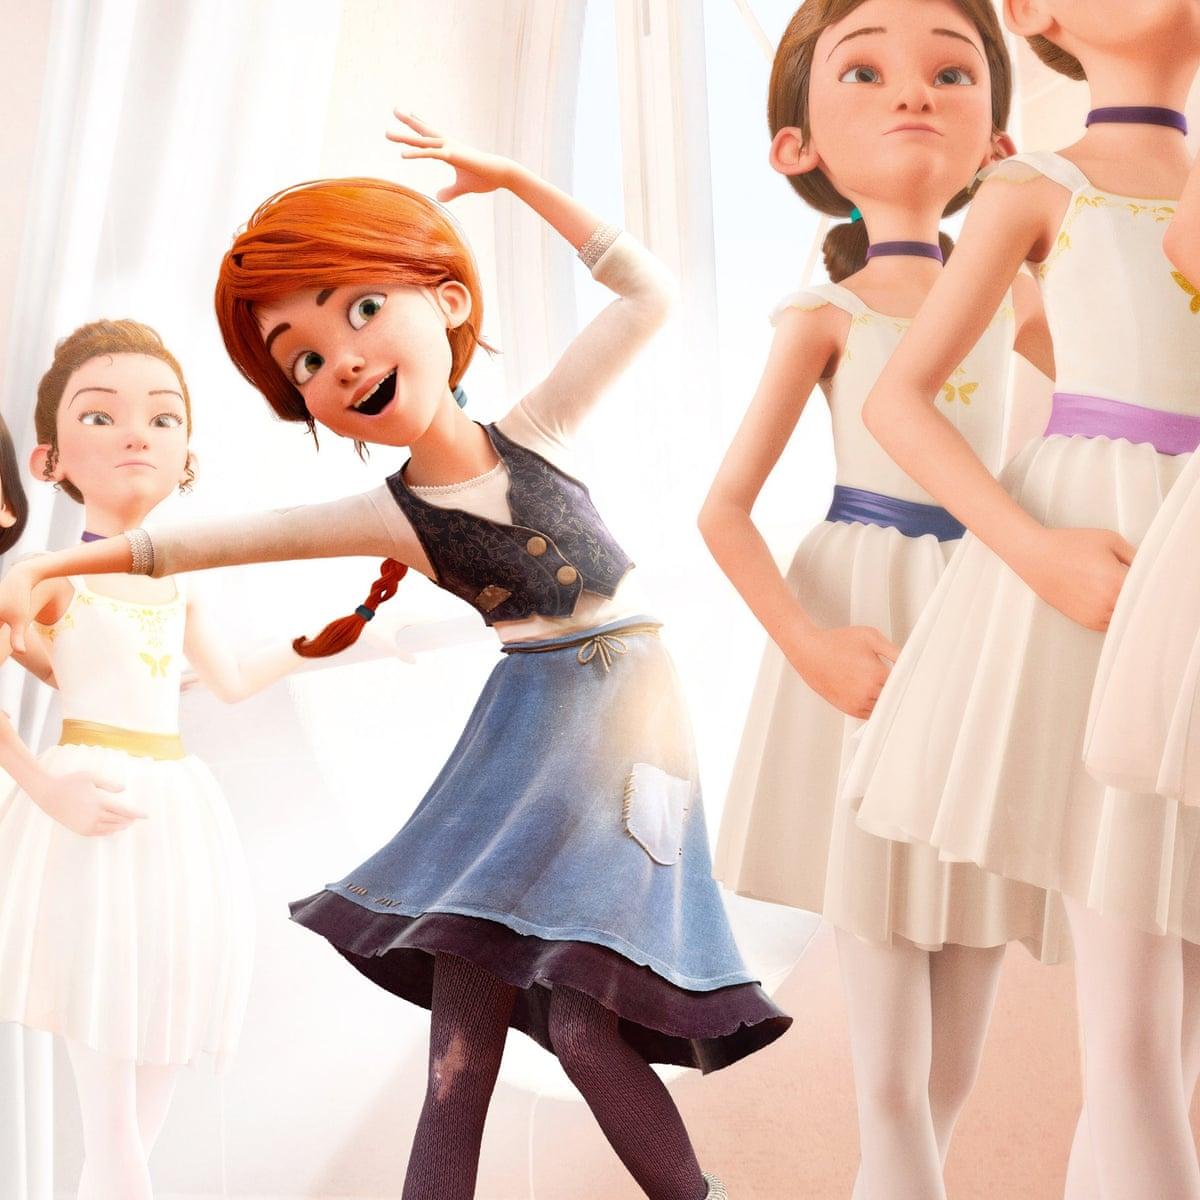 فيليسي تحاول أن تتماشى مع رقص رفيقاتها بالصف.